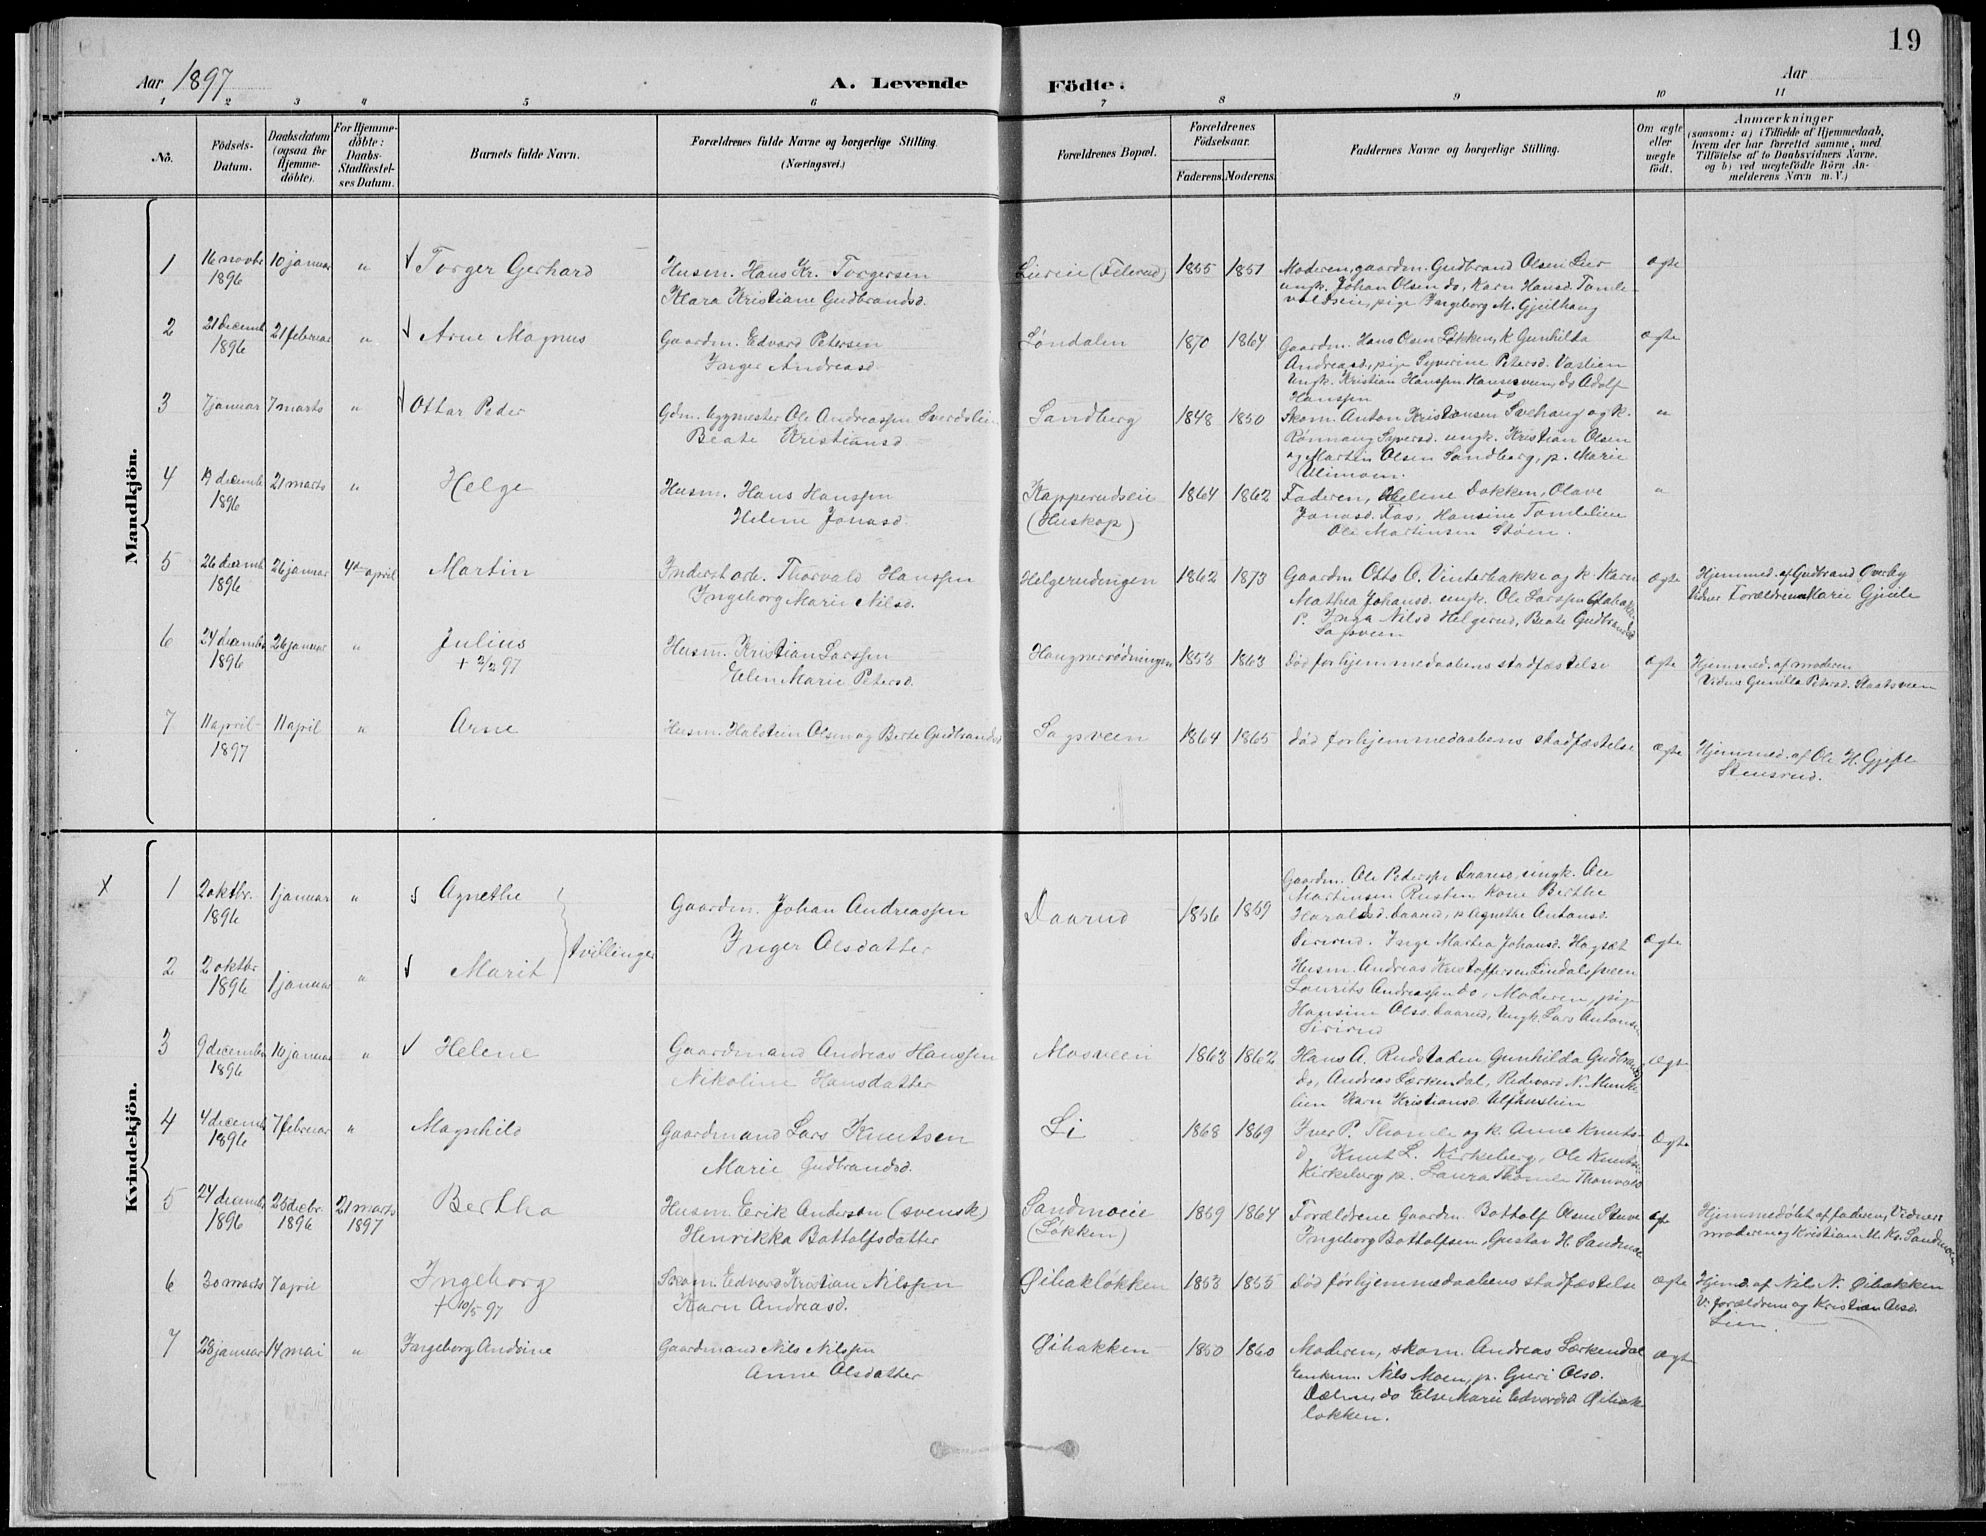 SAH, Nordre Land prestekontor, Klokkerbok nr. 13, 1891-1904, s. 19